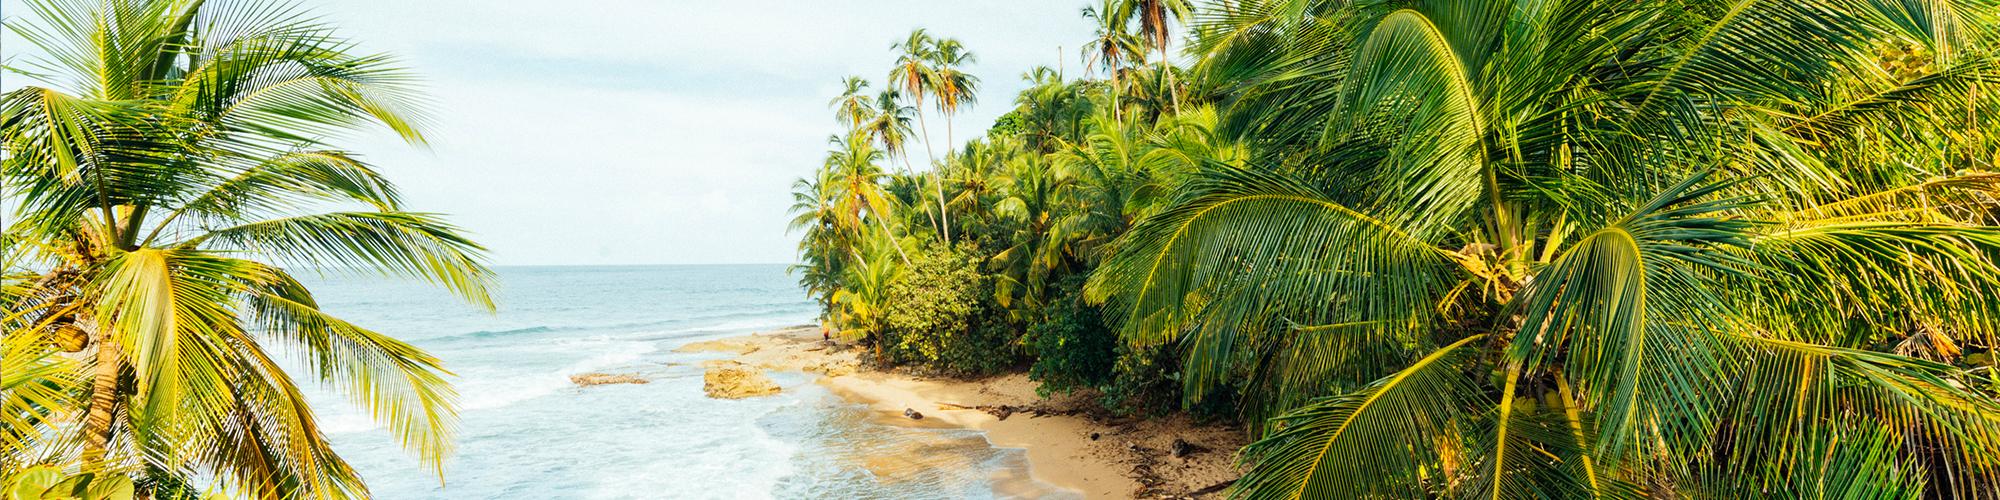 Costa Rica: naturaleza, aventura y ¡pura vida! - El País Viajes